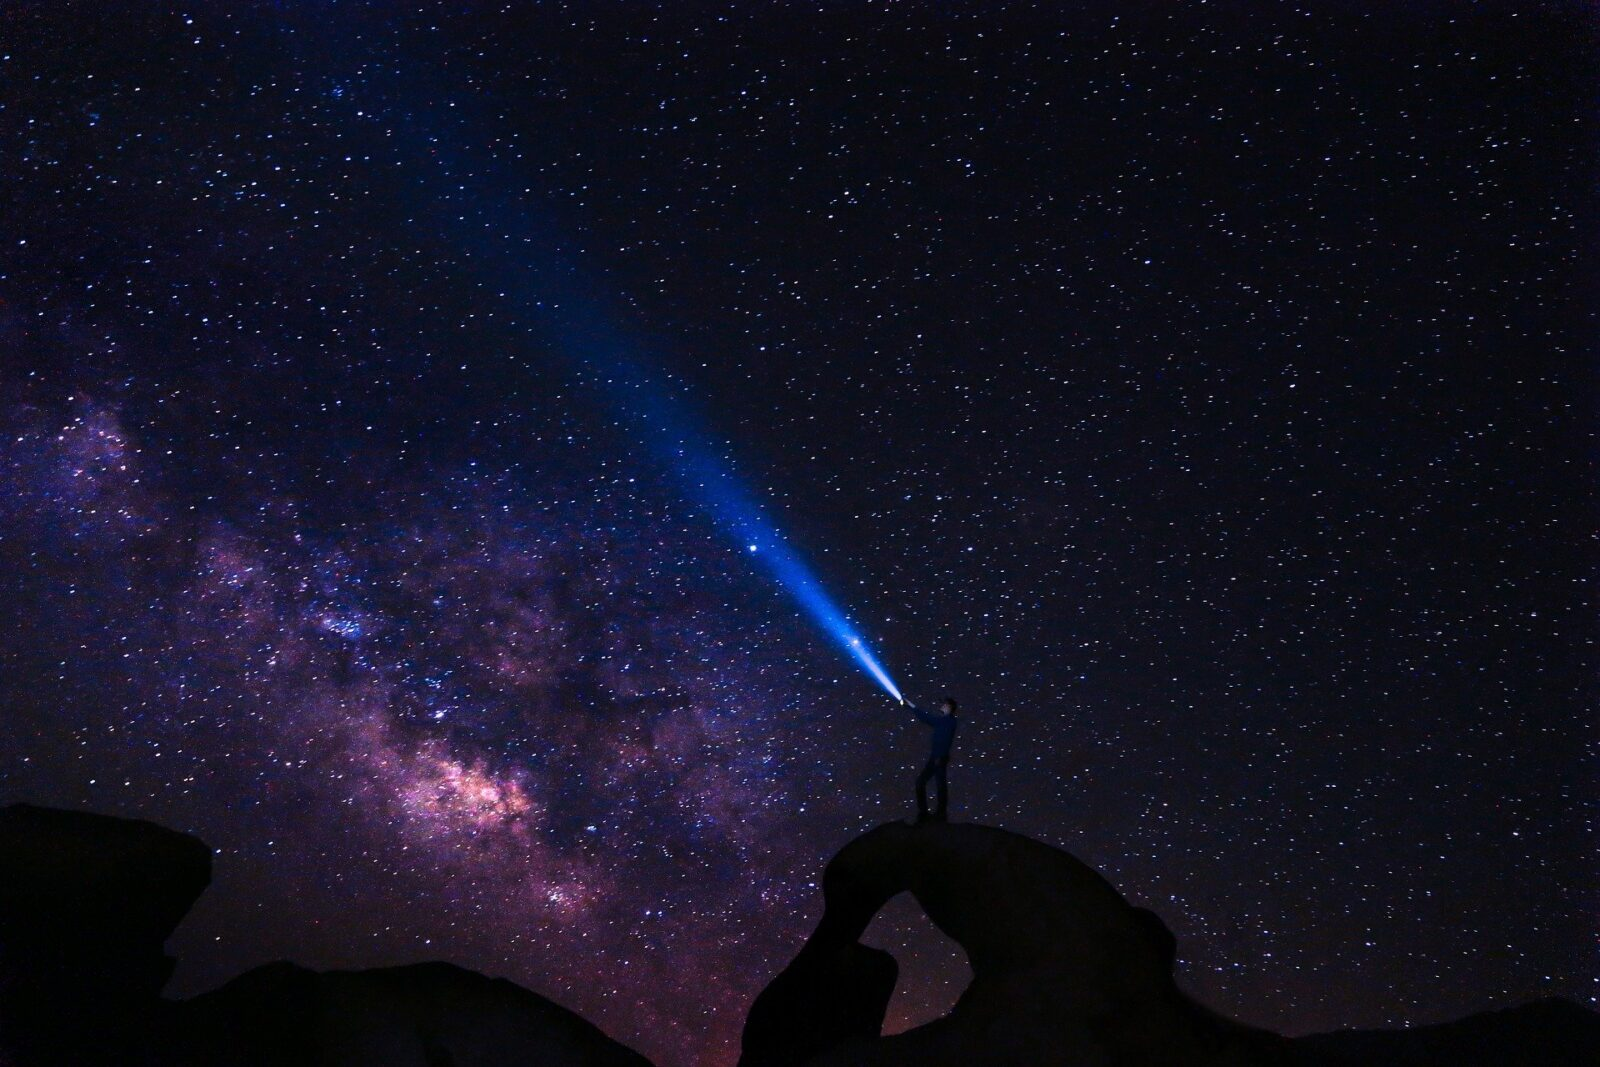 Astronomowie zarejestrowali kolejne szybkie błyski radiowe w naszej galaktyce